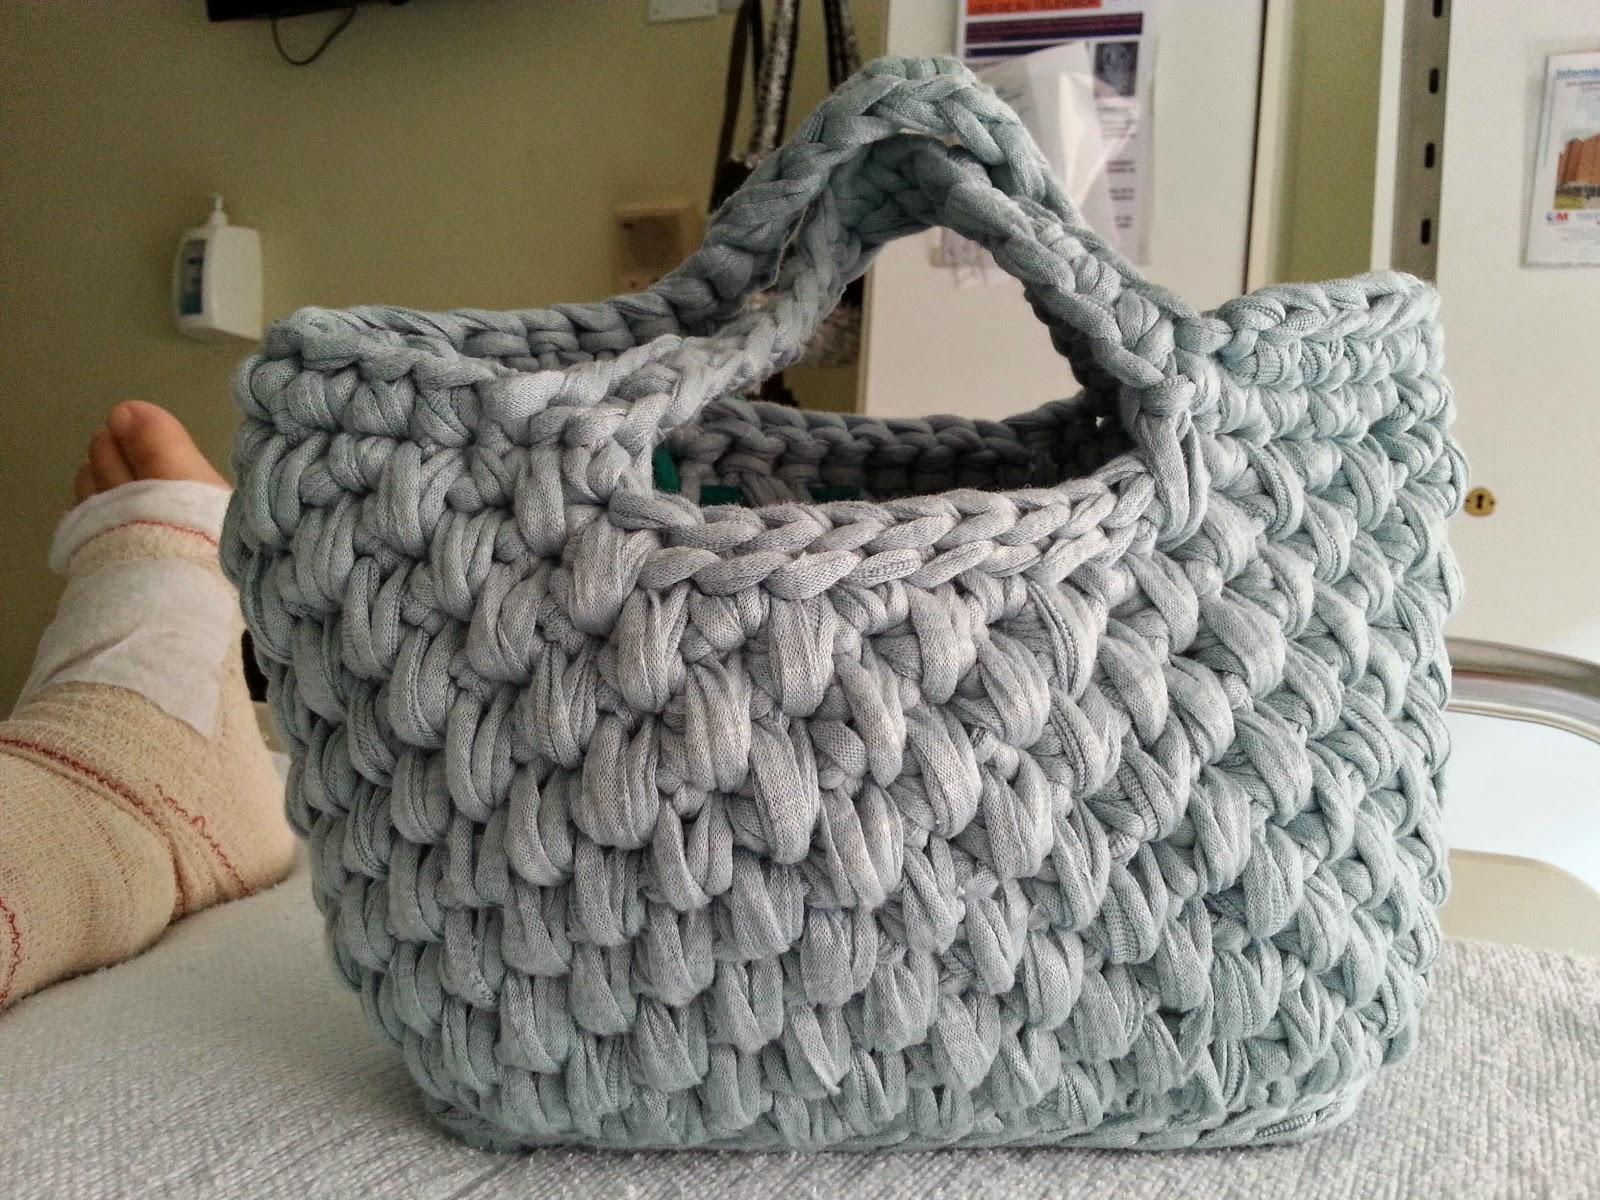 Regaltacora bolso de trapillo hecho a mano con ganchillo for Bolsos de crochet de trapillo